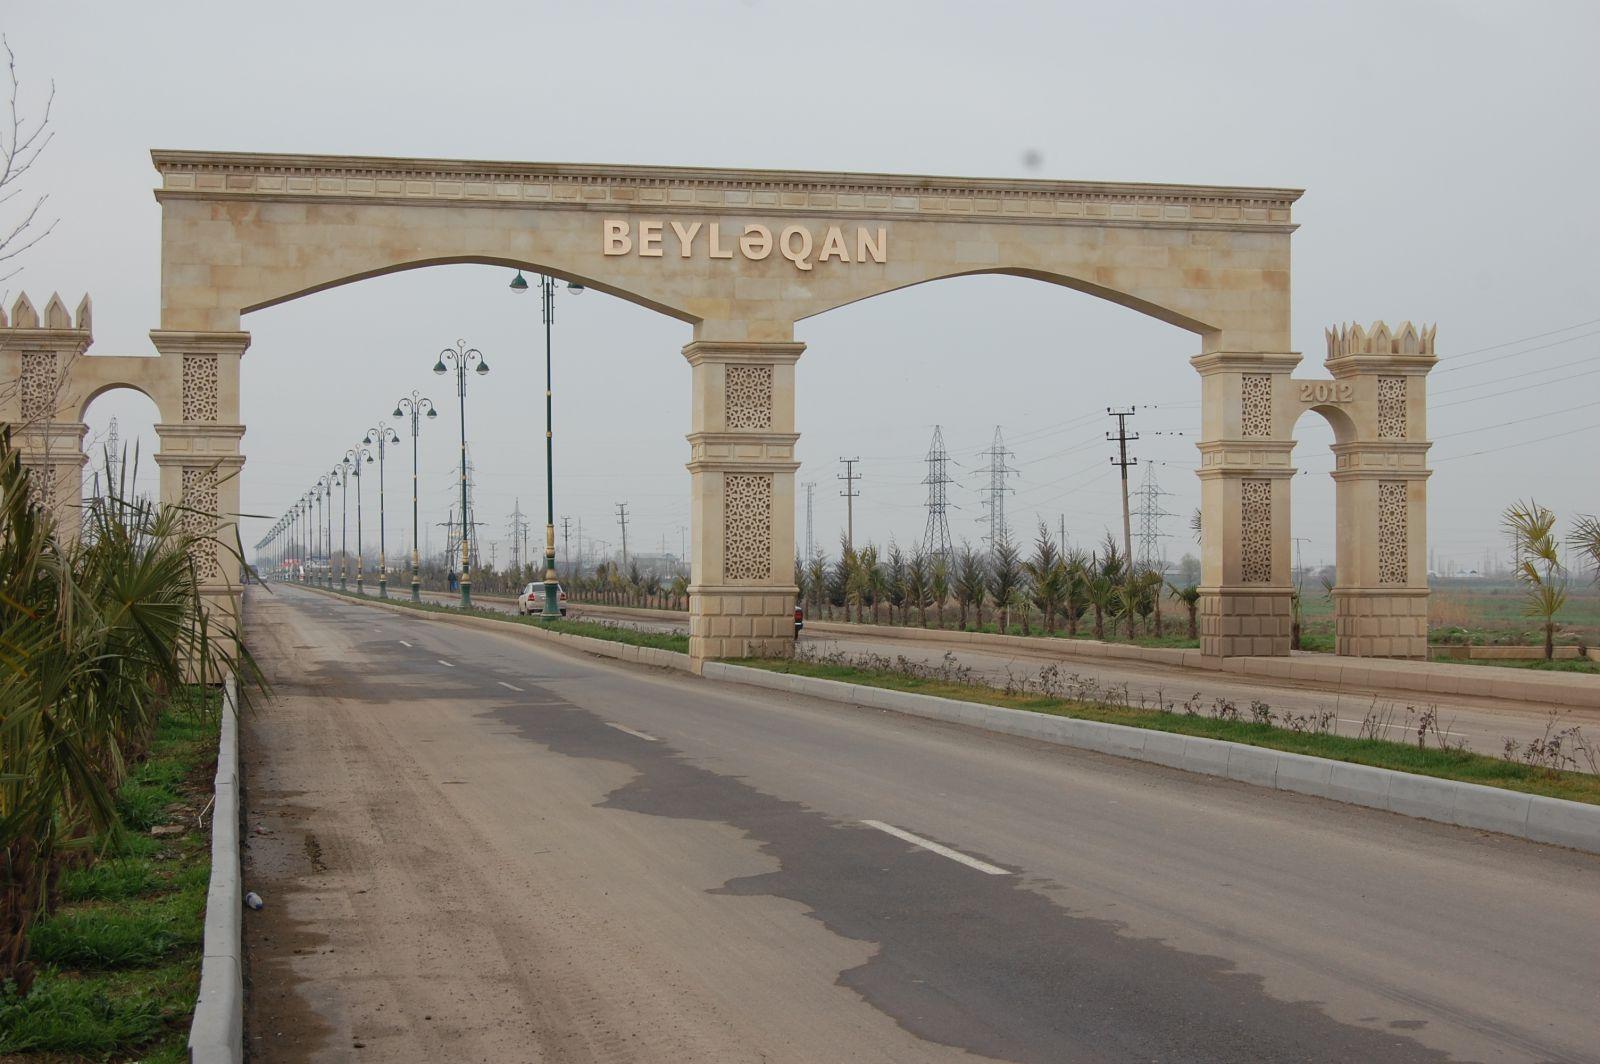 2018/04/1_Beyləqan-rayonu-Şərq-giriş-hissəsi_1524822698.jpg